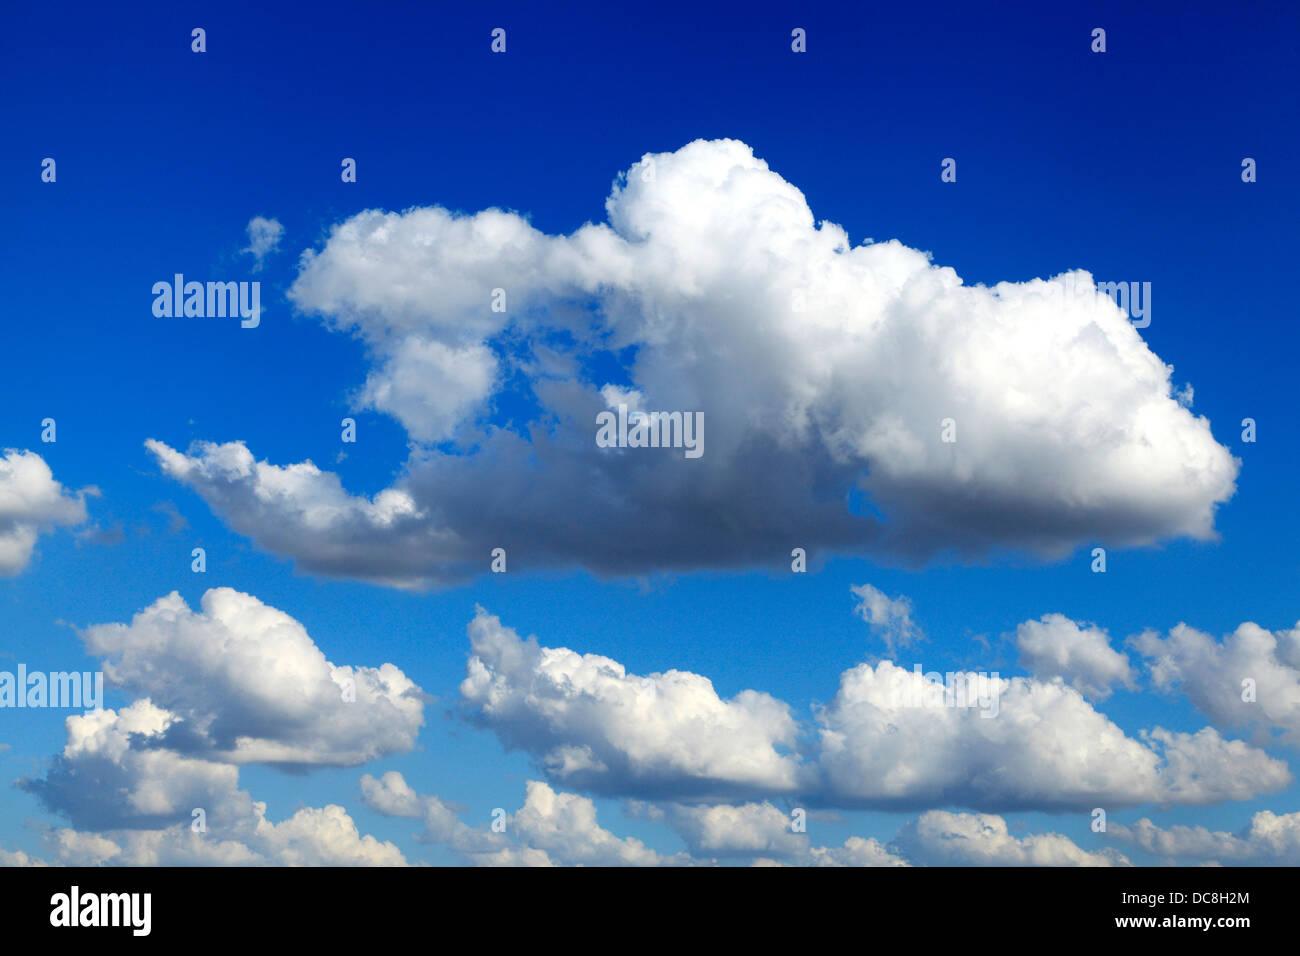 Blauer Himmel, Wolke weißen geschwollenen Cumulus-Wolken Himmel Meteorologie Wetter Hintergrund Stockbild